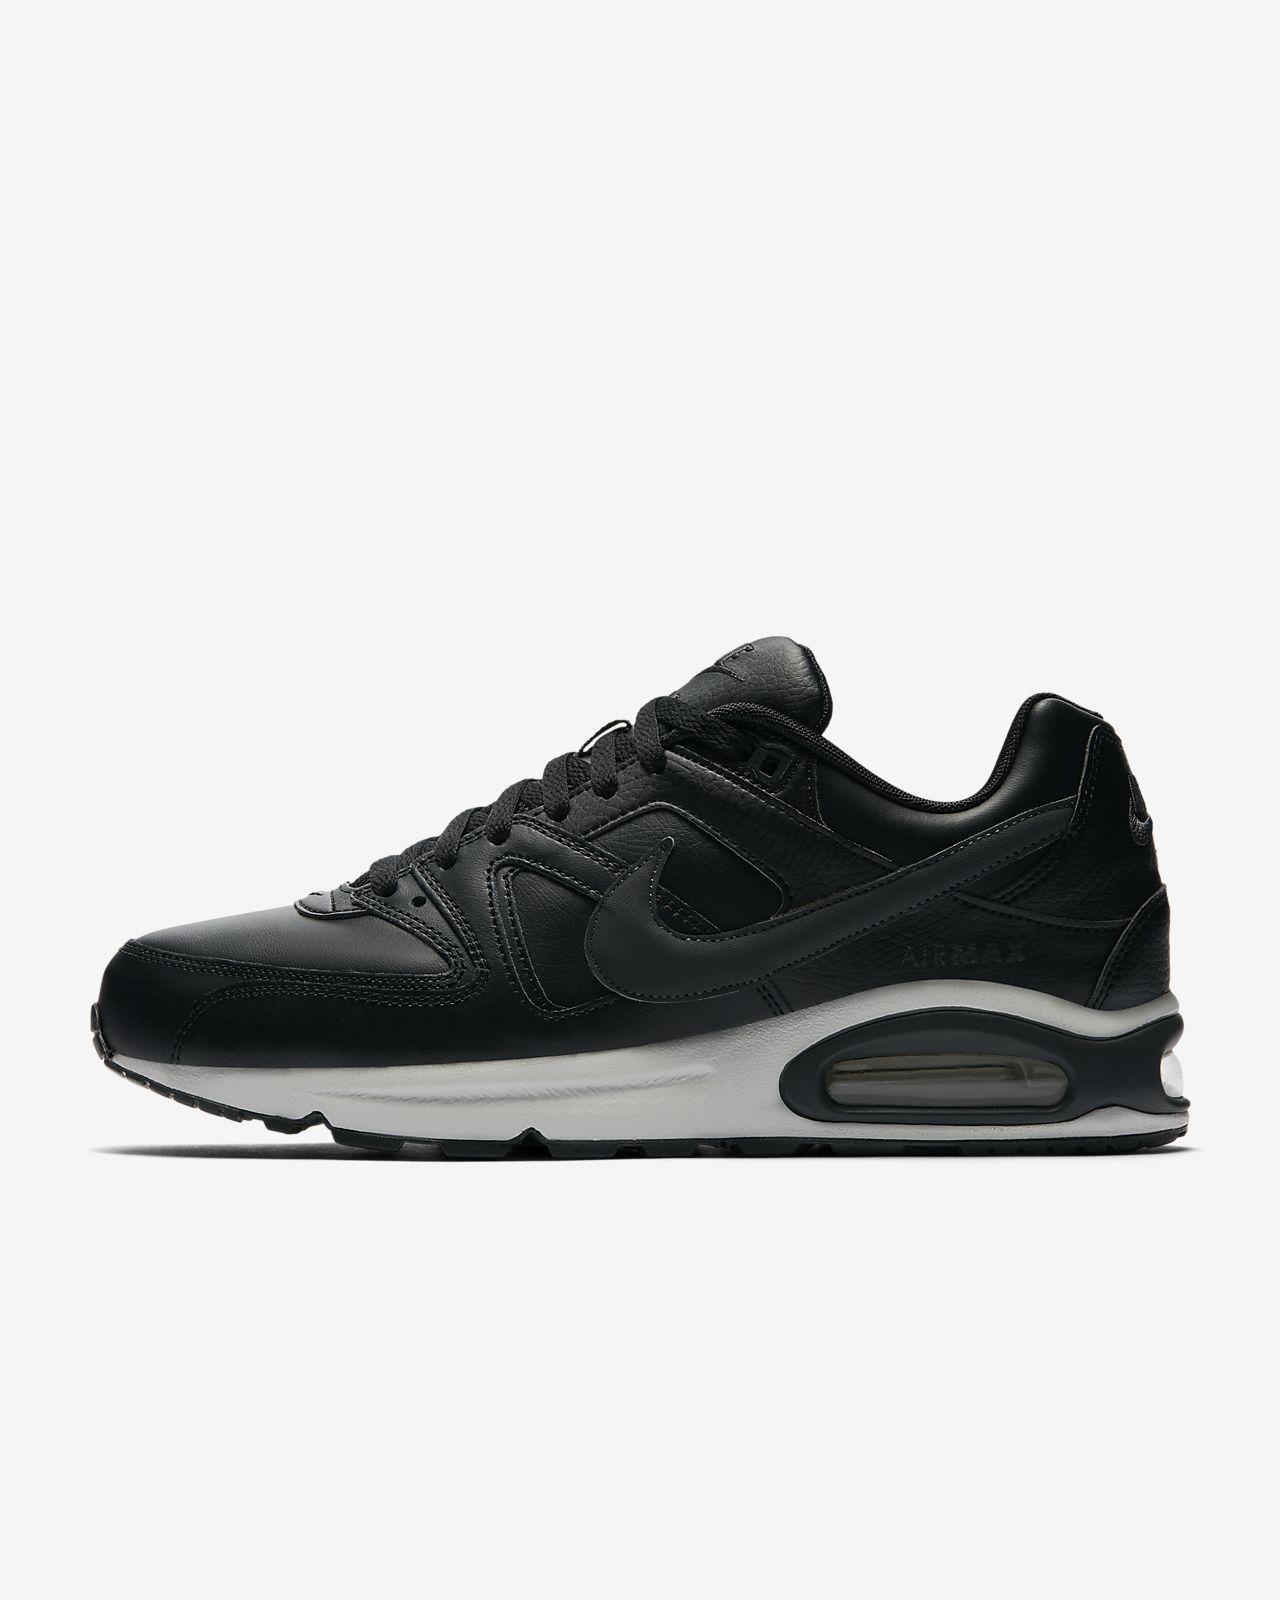 Nike Air Max Command Herrenschuh